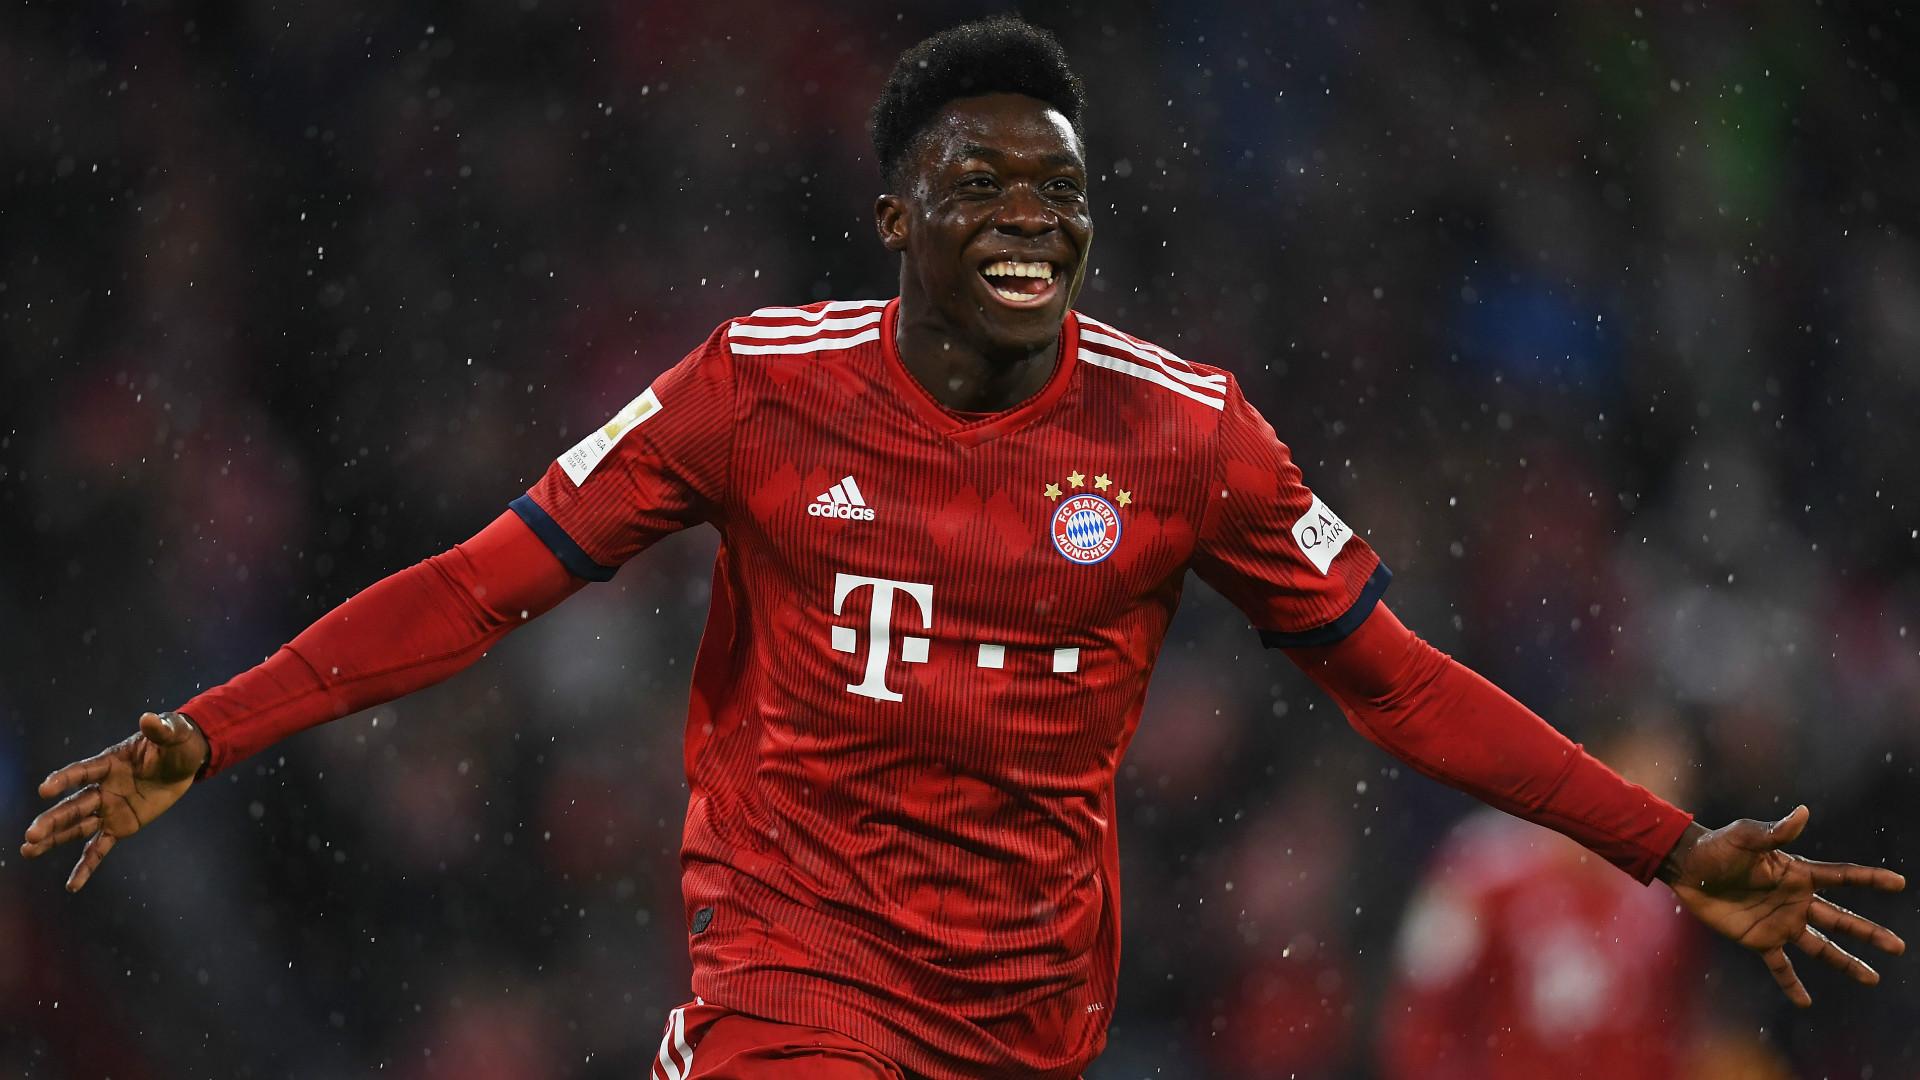 Alphonso Davies scores first goal for Bayern Munich